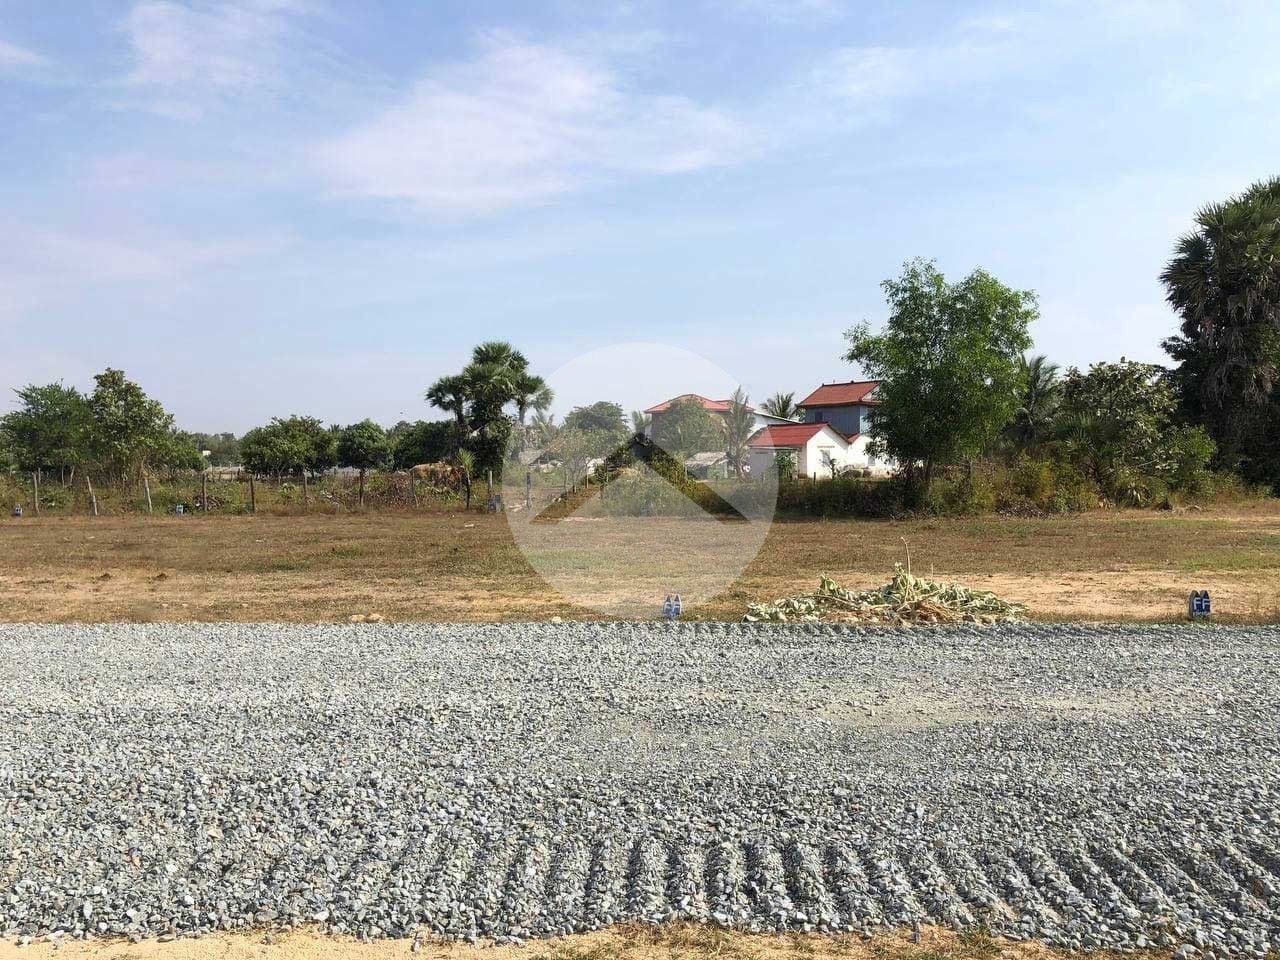 215 Sqm Residential Land For Sale - Bat Doeng , Kampong Speu